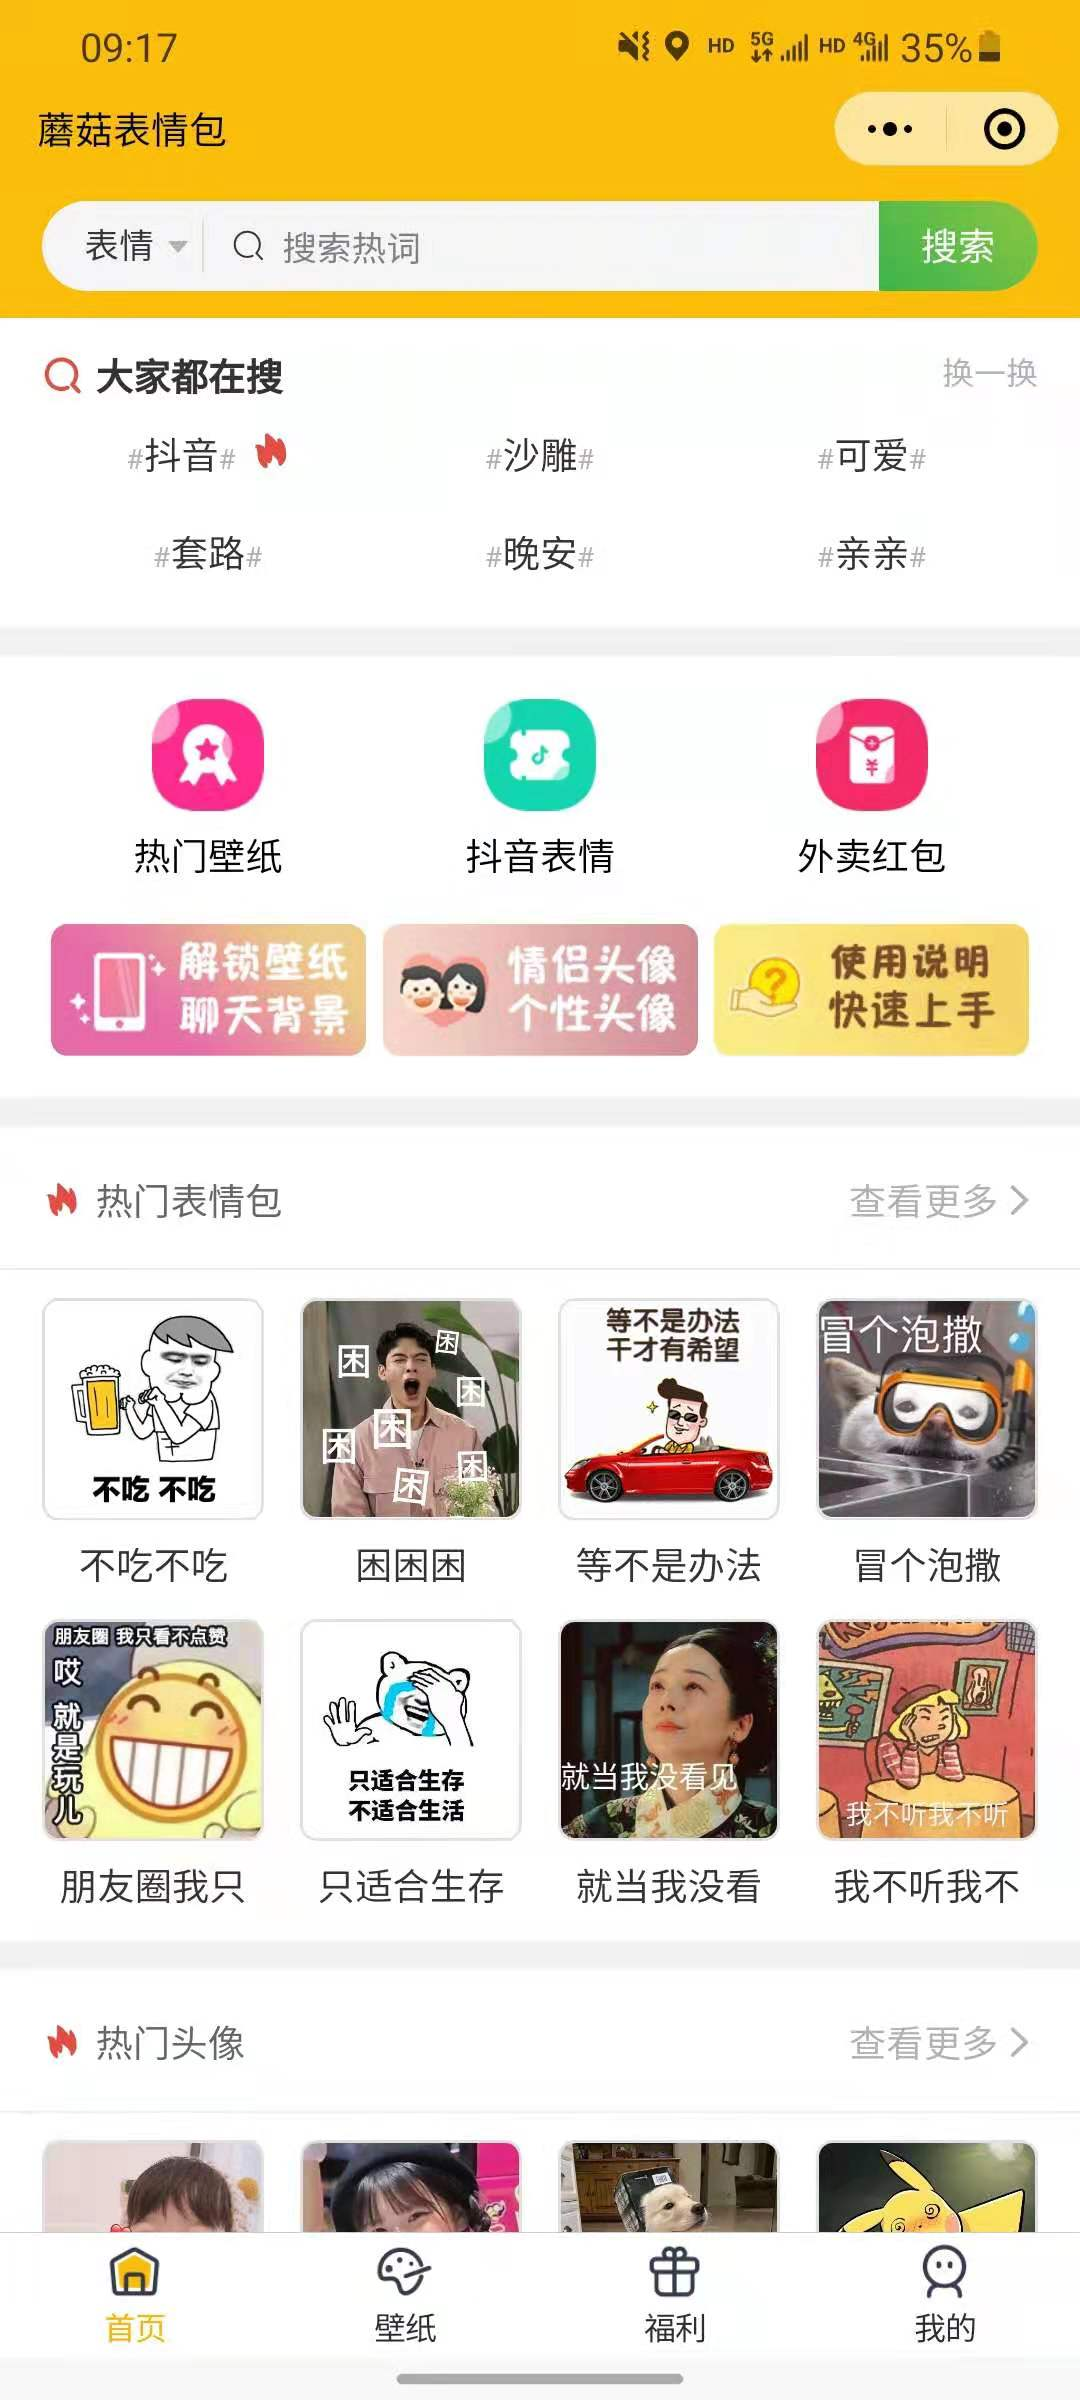 最新微信表情包小程序,更新登录接口,增加举牌功能表情图片